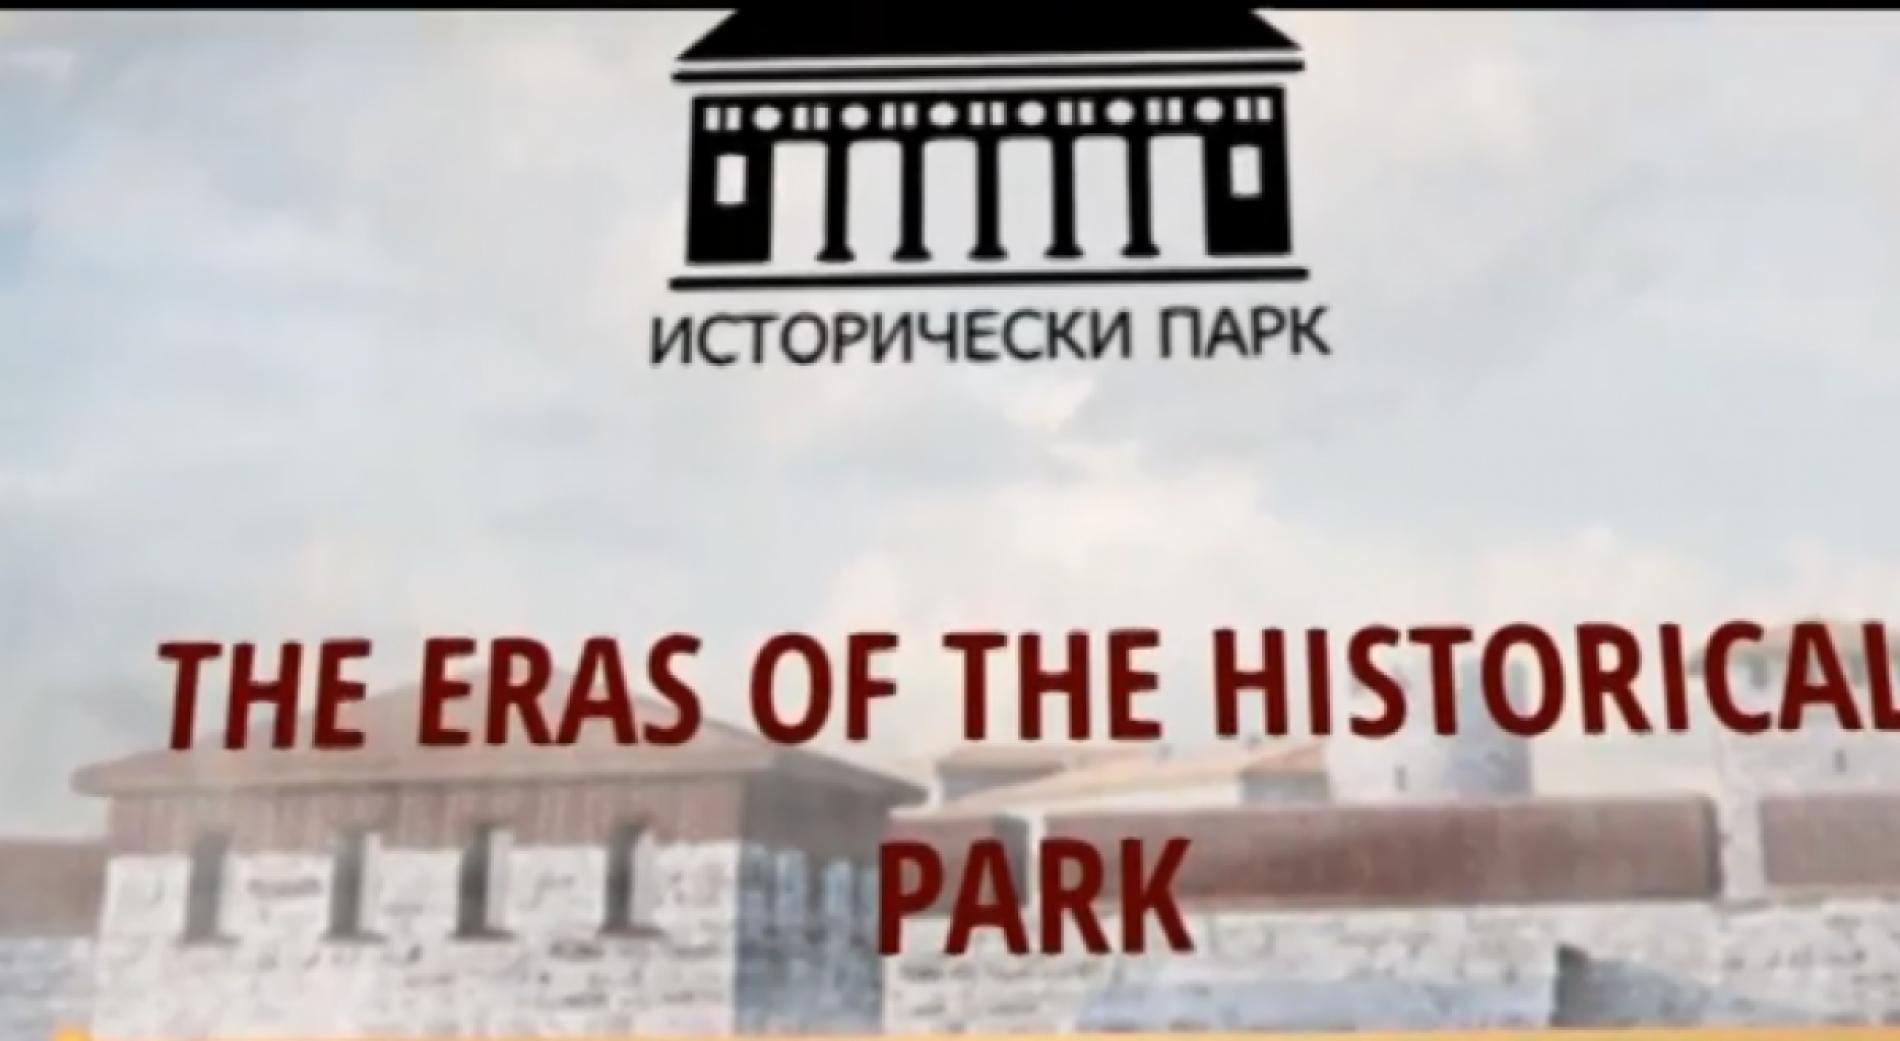 Варненската окръжна прокуратура започва проверка на историческия парк